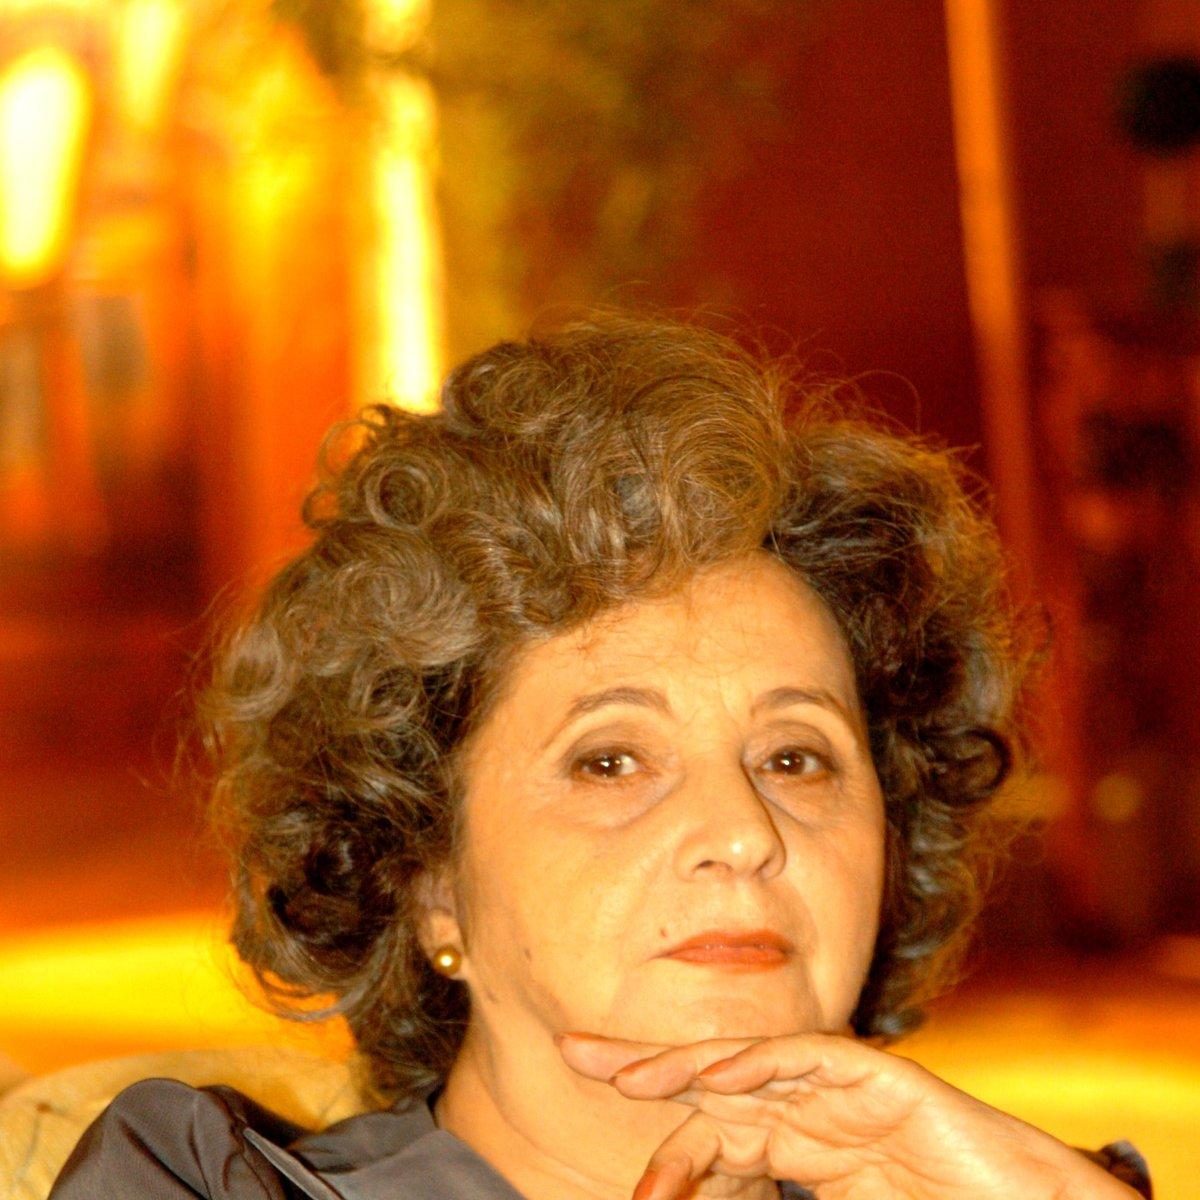 Aos 73 anos, morre no Rio a atriz da Globo Thelma Reston